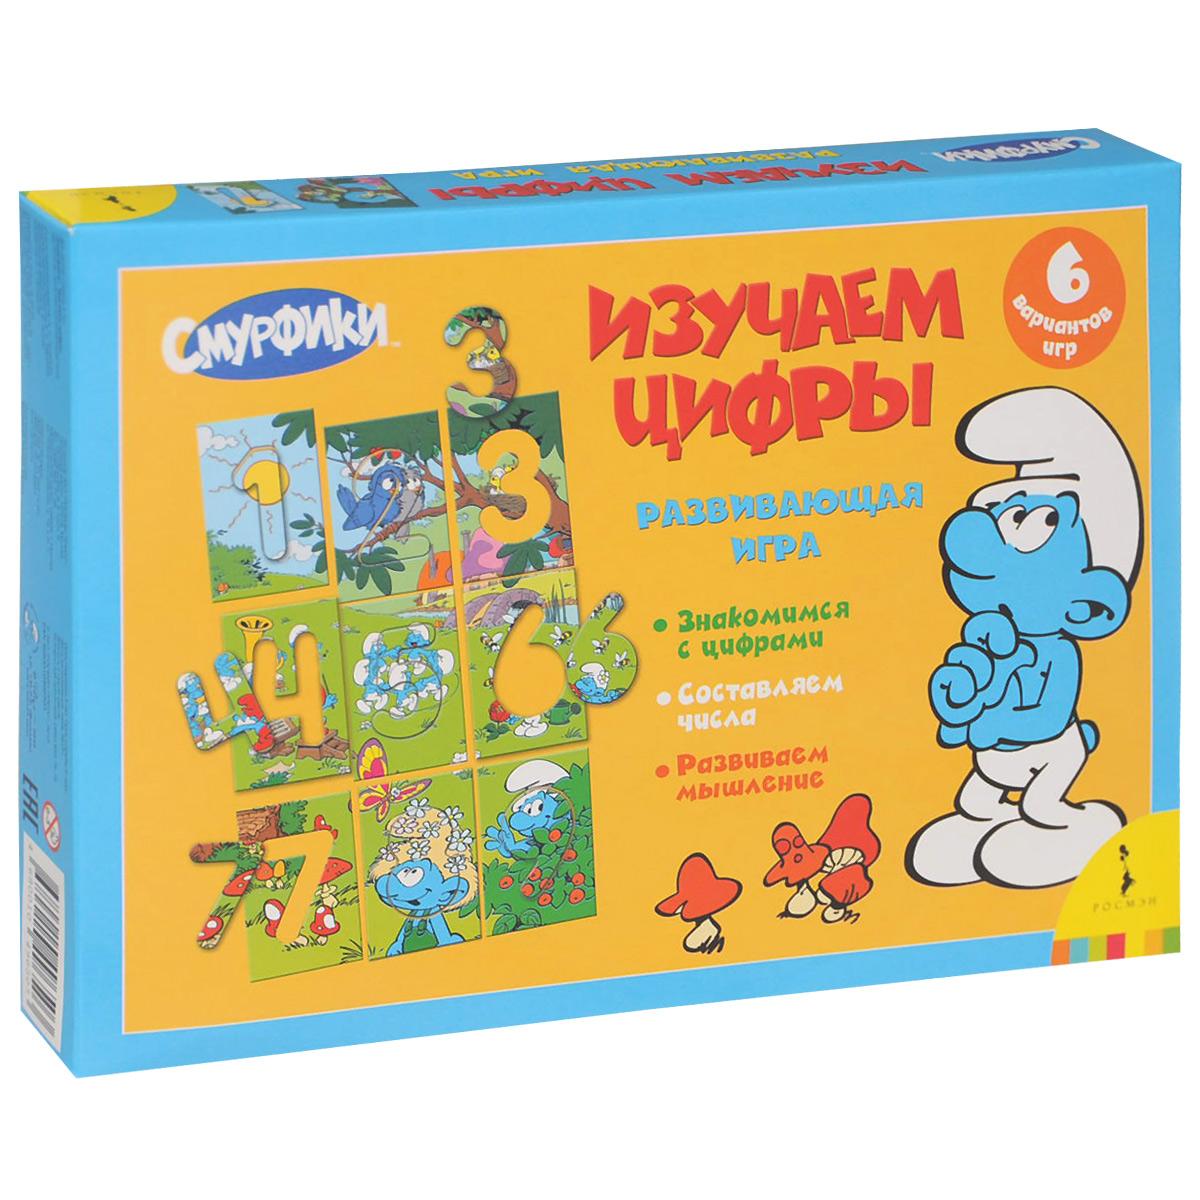 Смурфики. Изучаем цифры. Развивающая игра12296407В игровой форме ребенок выучит цифры от 1 до 9, научится составлять числа. Игра способствует развитию математических способностей, логического мышления, совершенствует мелкую моторику рук. В комплект входит 9 красочно иллюстрированных карточек, выполненных из картона, с вынимающимися цифрами. Размер одной карточки: 16 см х 11 см. К игре прилагается лист с правилами. Набор упакован в картонную коробку. Размер коробки: 28 см х 19,5 см х 4 см.